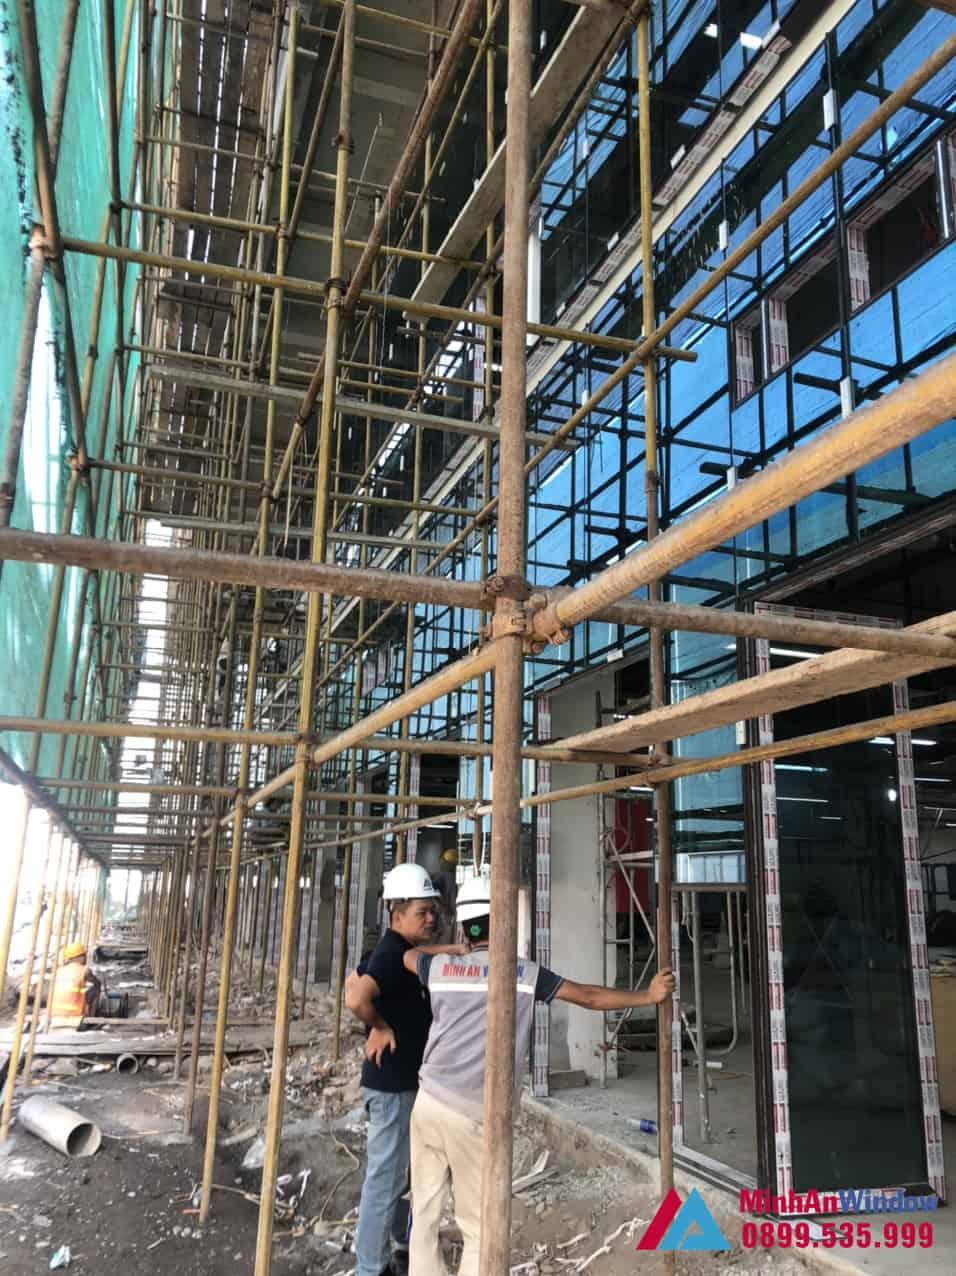 Thi Công Cửa Vách Nhôm Kính Nhà Máy Khu Công Nghiệp Đồng Văn 4